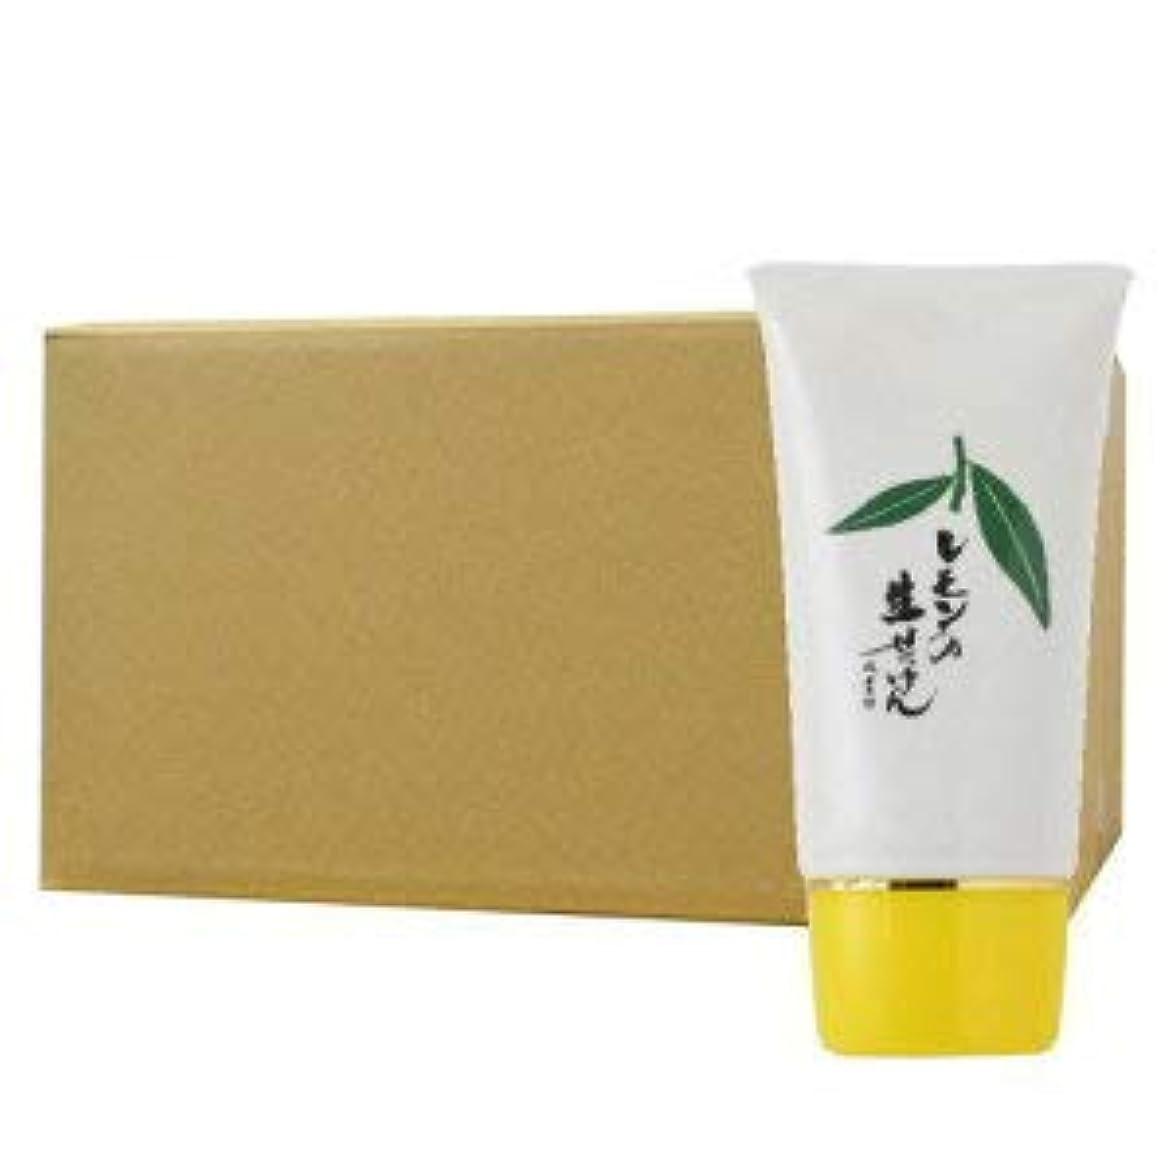 食用リスト君主UYEKI美香柑レモンの生せっけん70g×60個セット